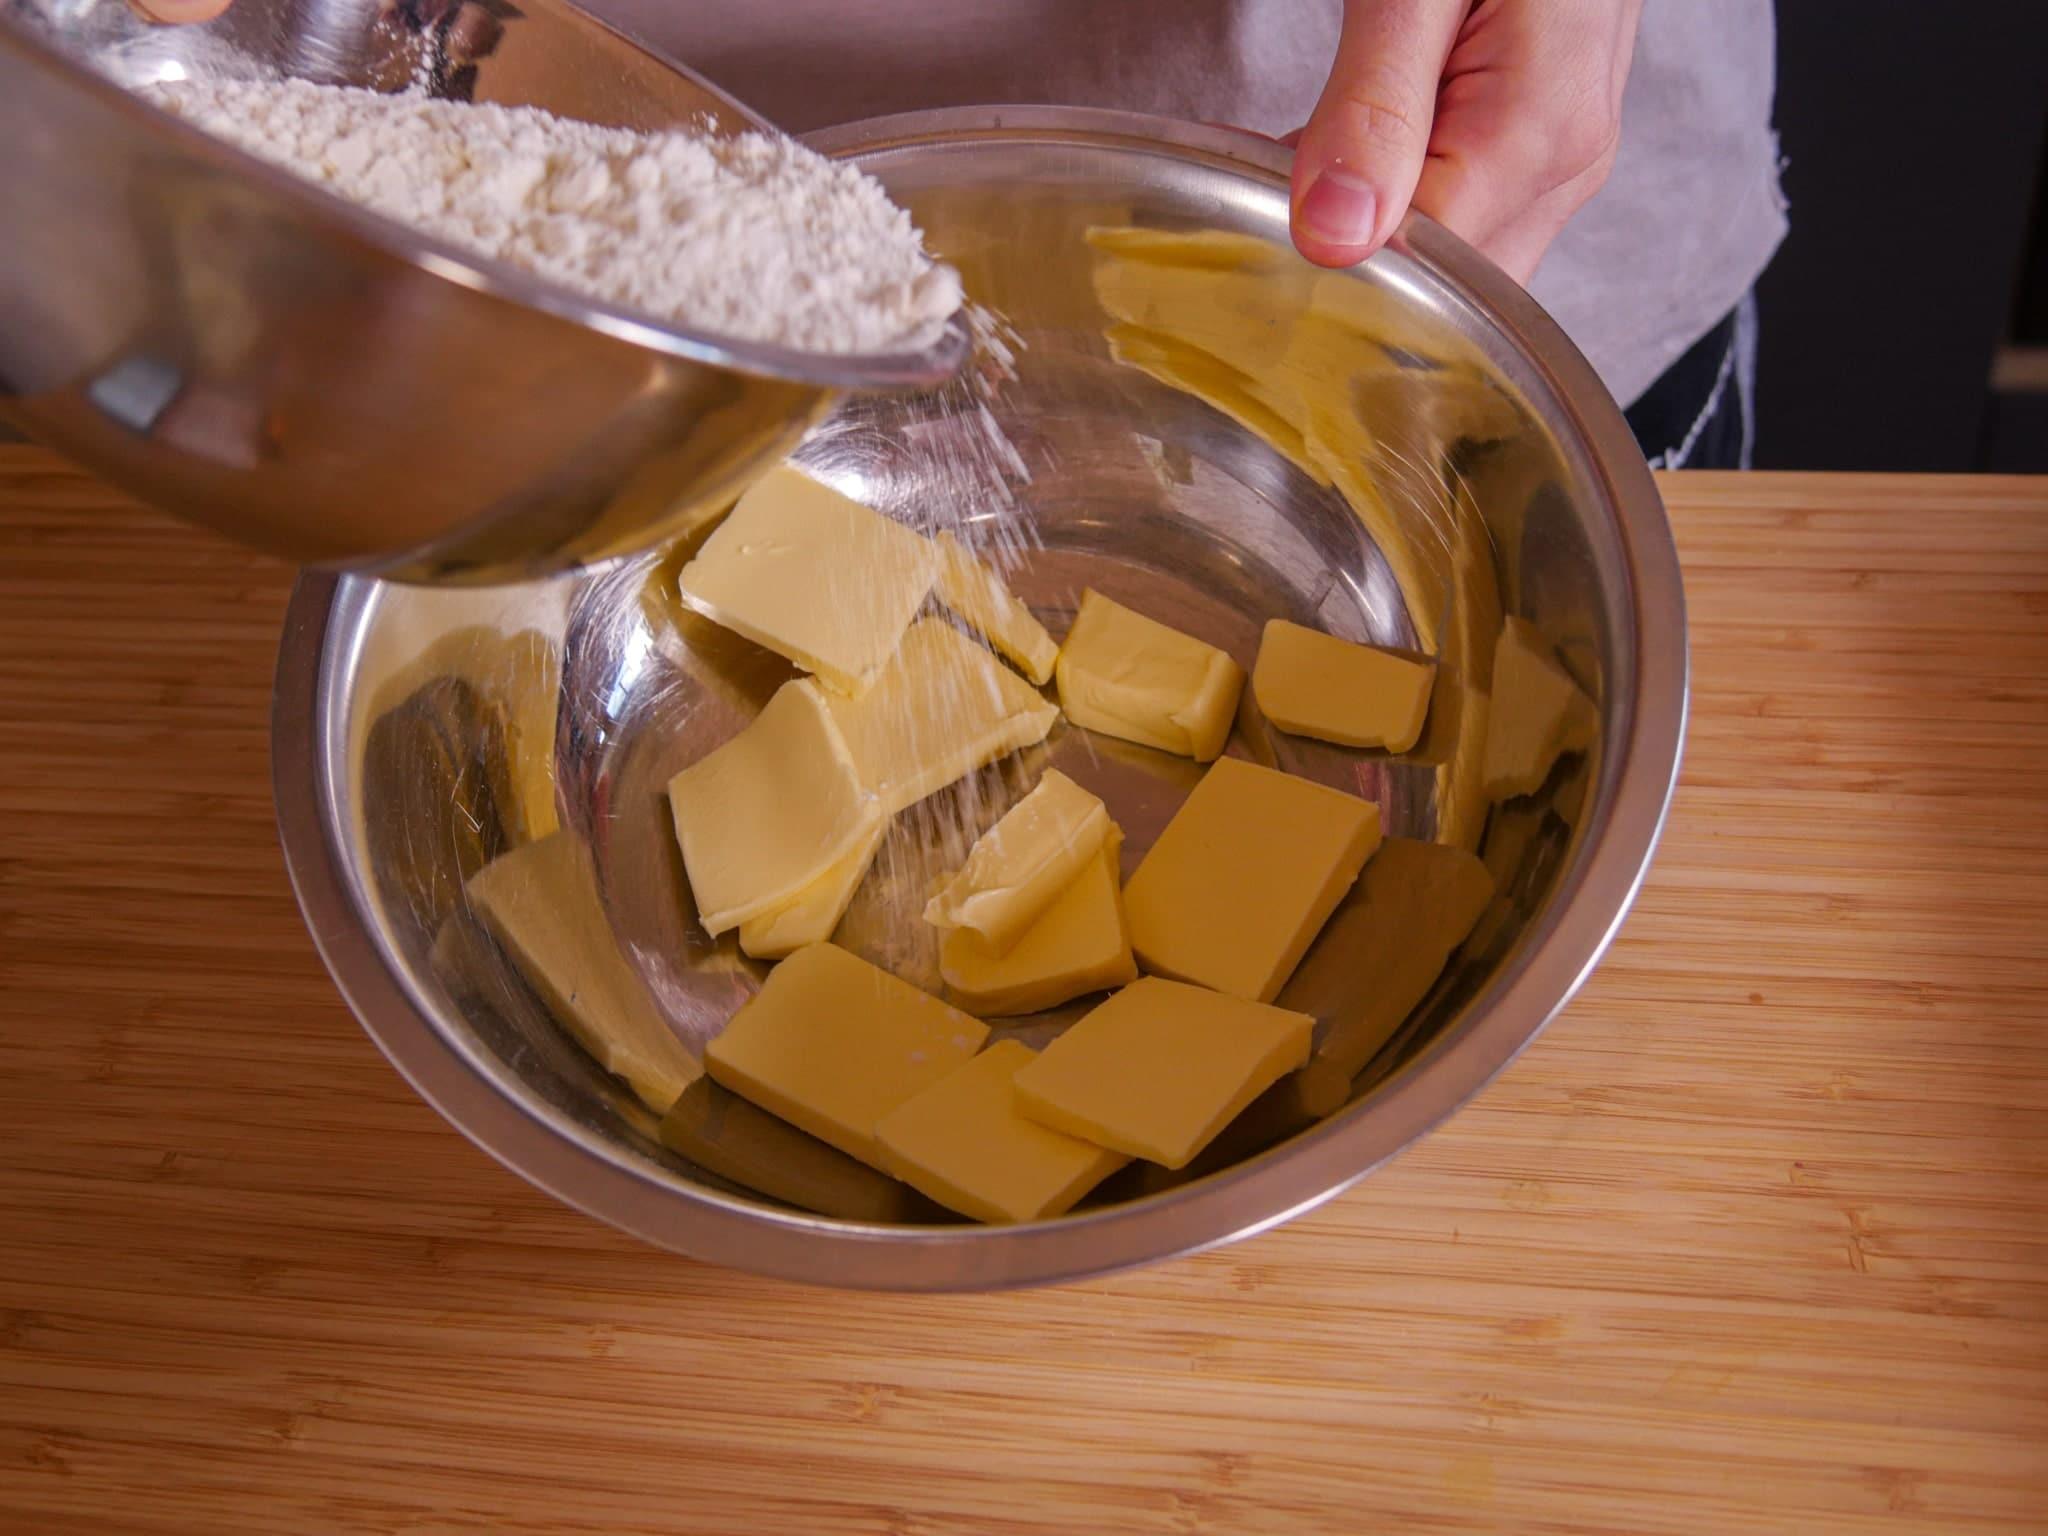 Mehl mit der kalten Butter verkneten